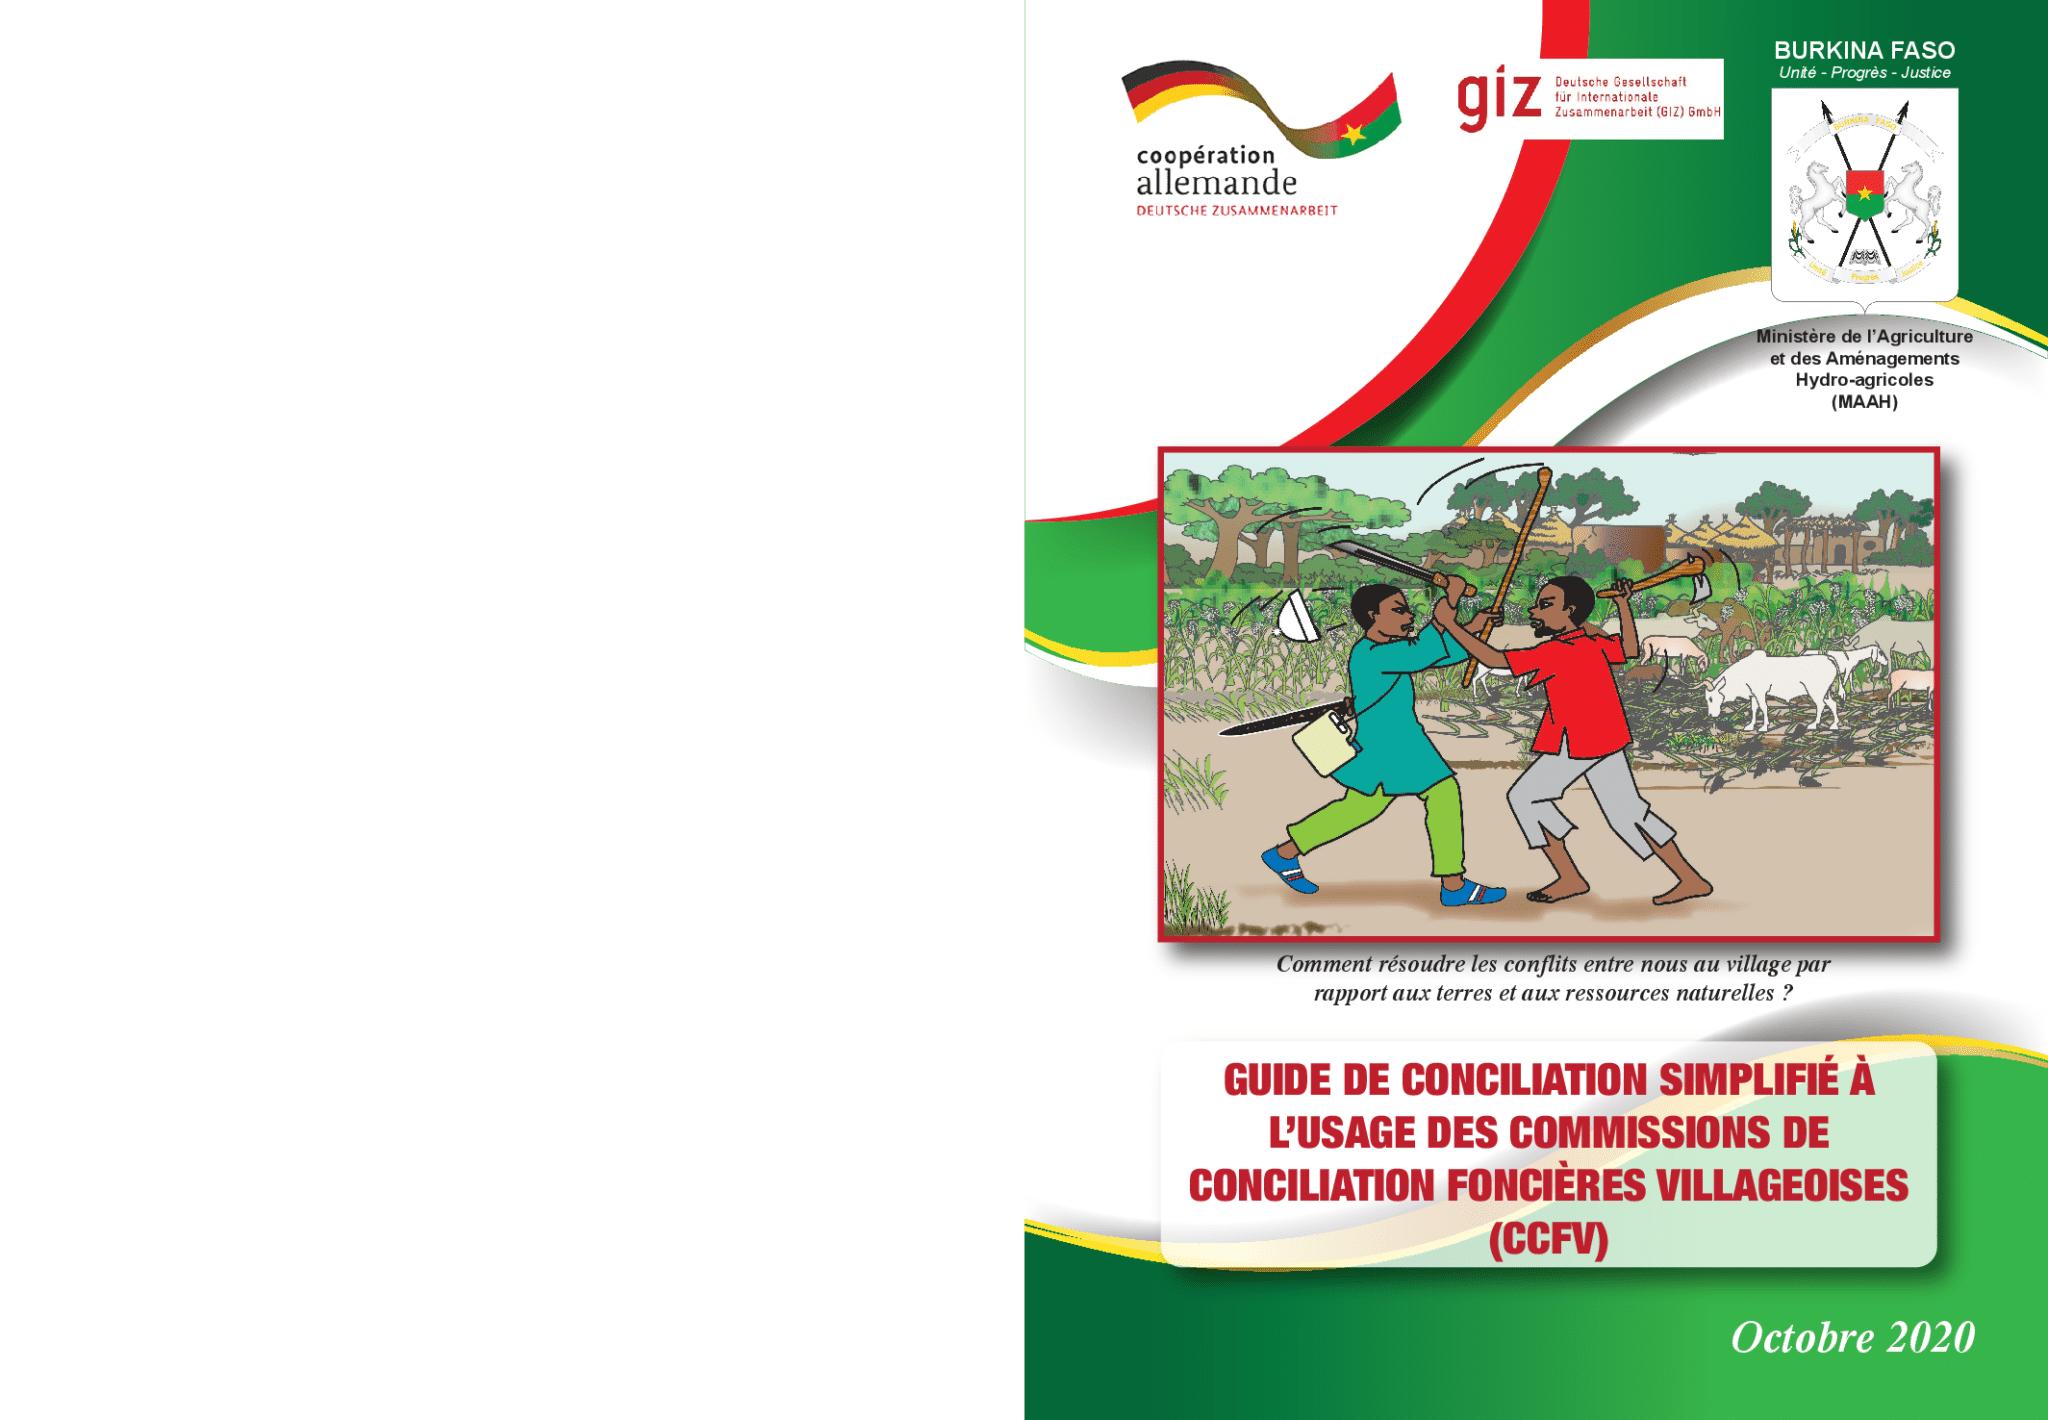  Guide de conciliation simplifié à l'usage des commissions de conciliation foncières villageoises (CCFV)